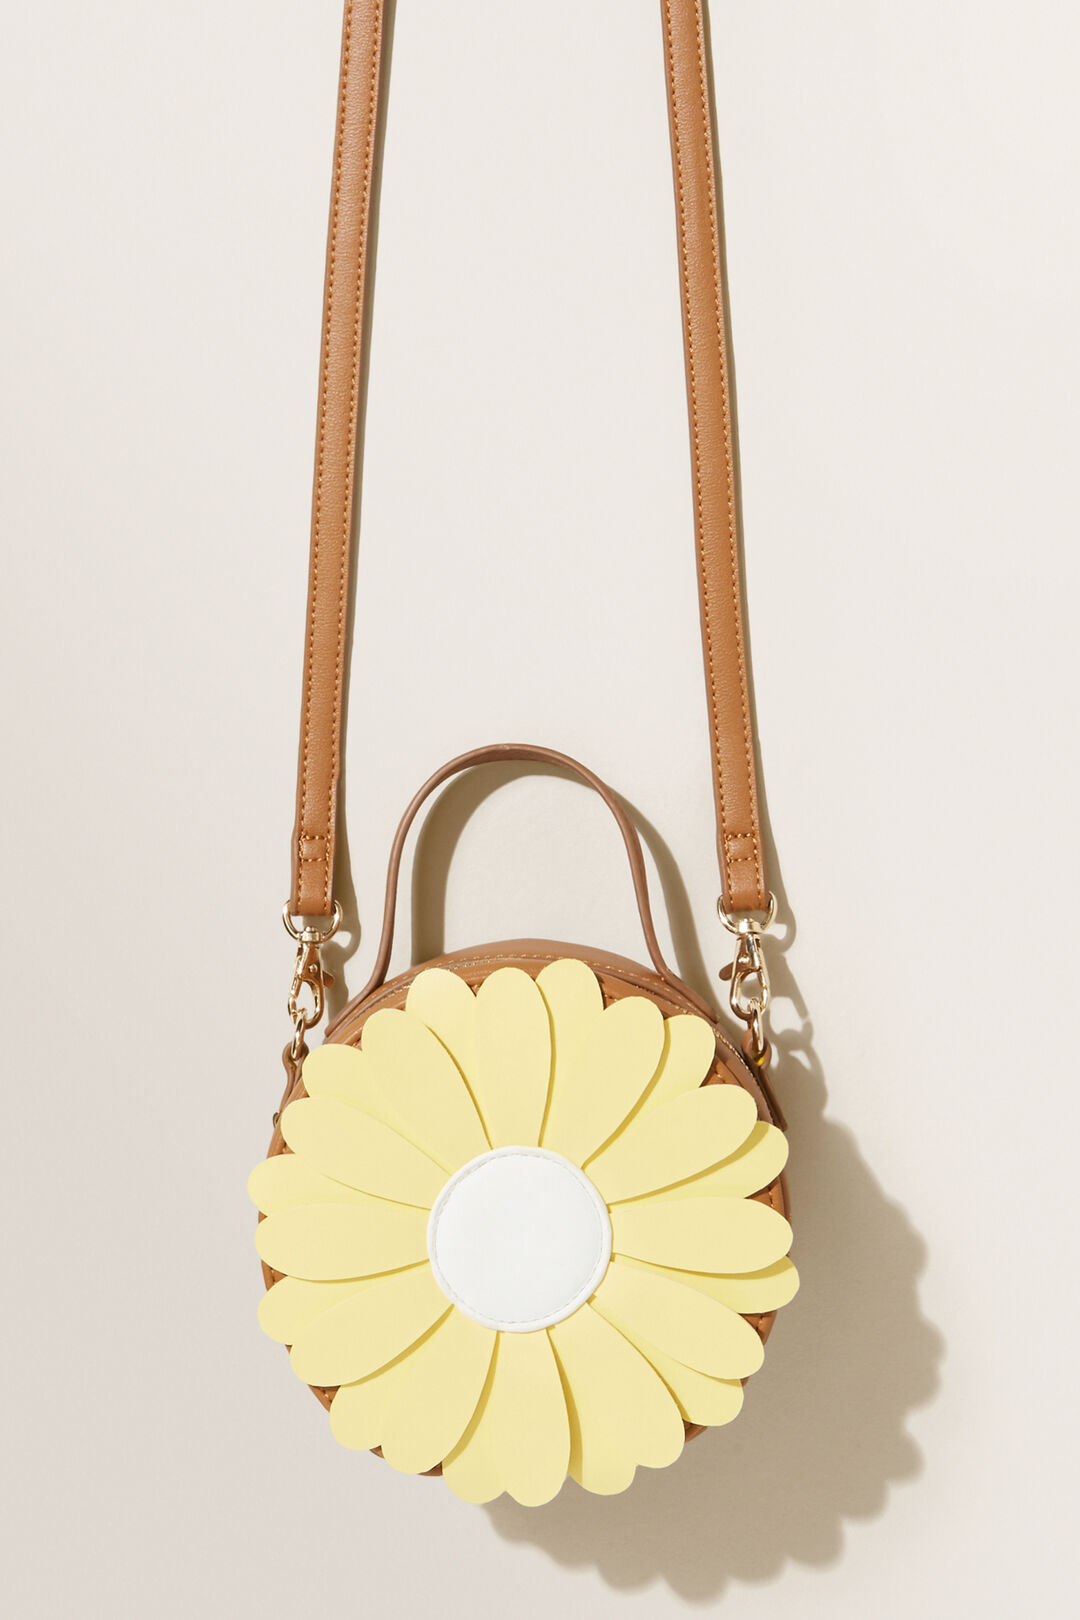 Retro Daisy Bag  Multi  hi-res